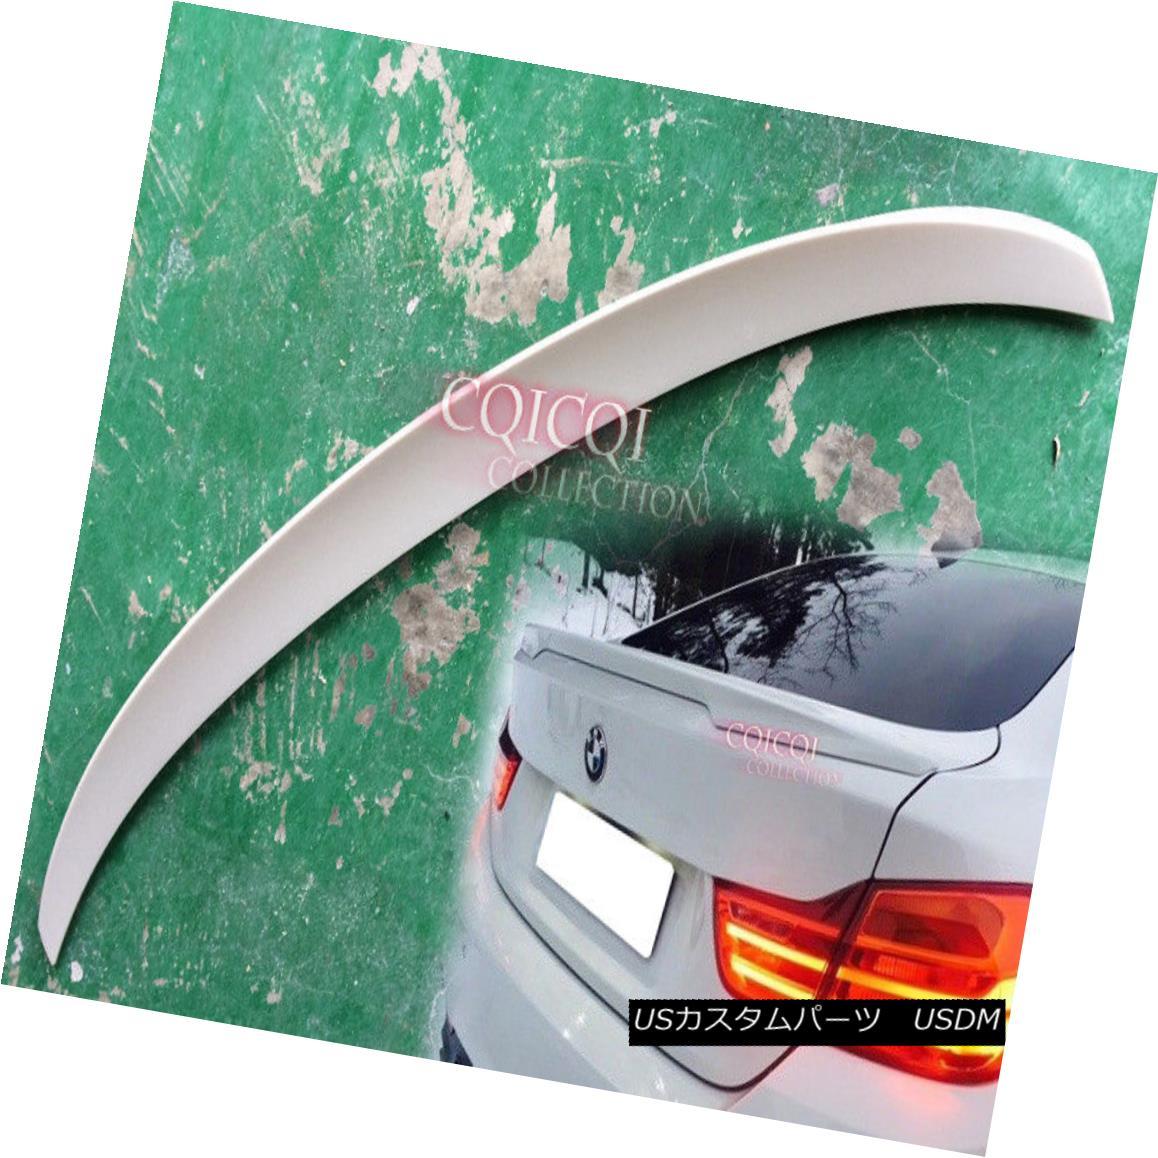 エアロパーツ Painted BMW F36 4-series gran coupe performance type trunk spoiler color:300 ◎ ペイントされたBMW F36 4シリーズグランクーペのパフォーマンスタイプのトランクスポイラーの色:300?